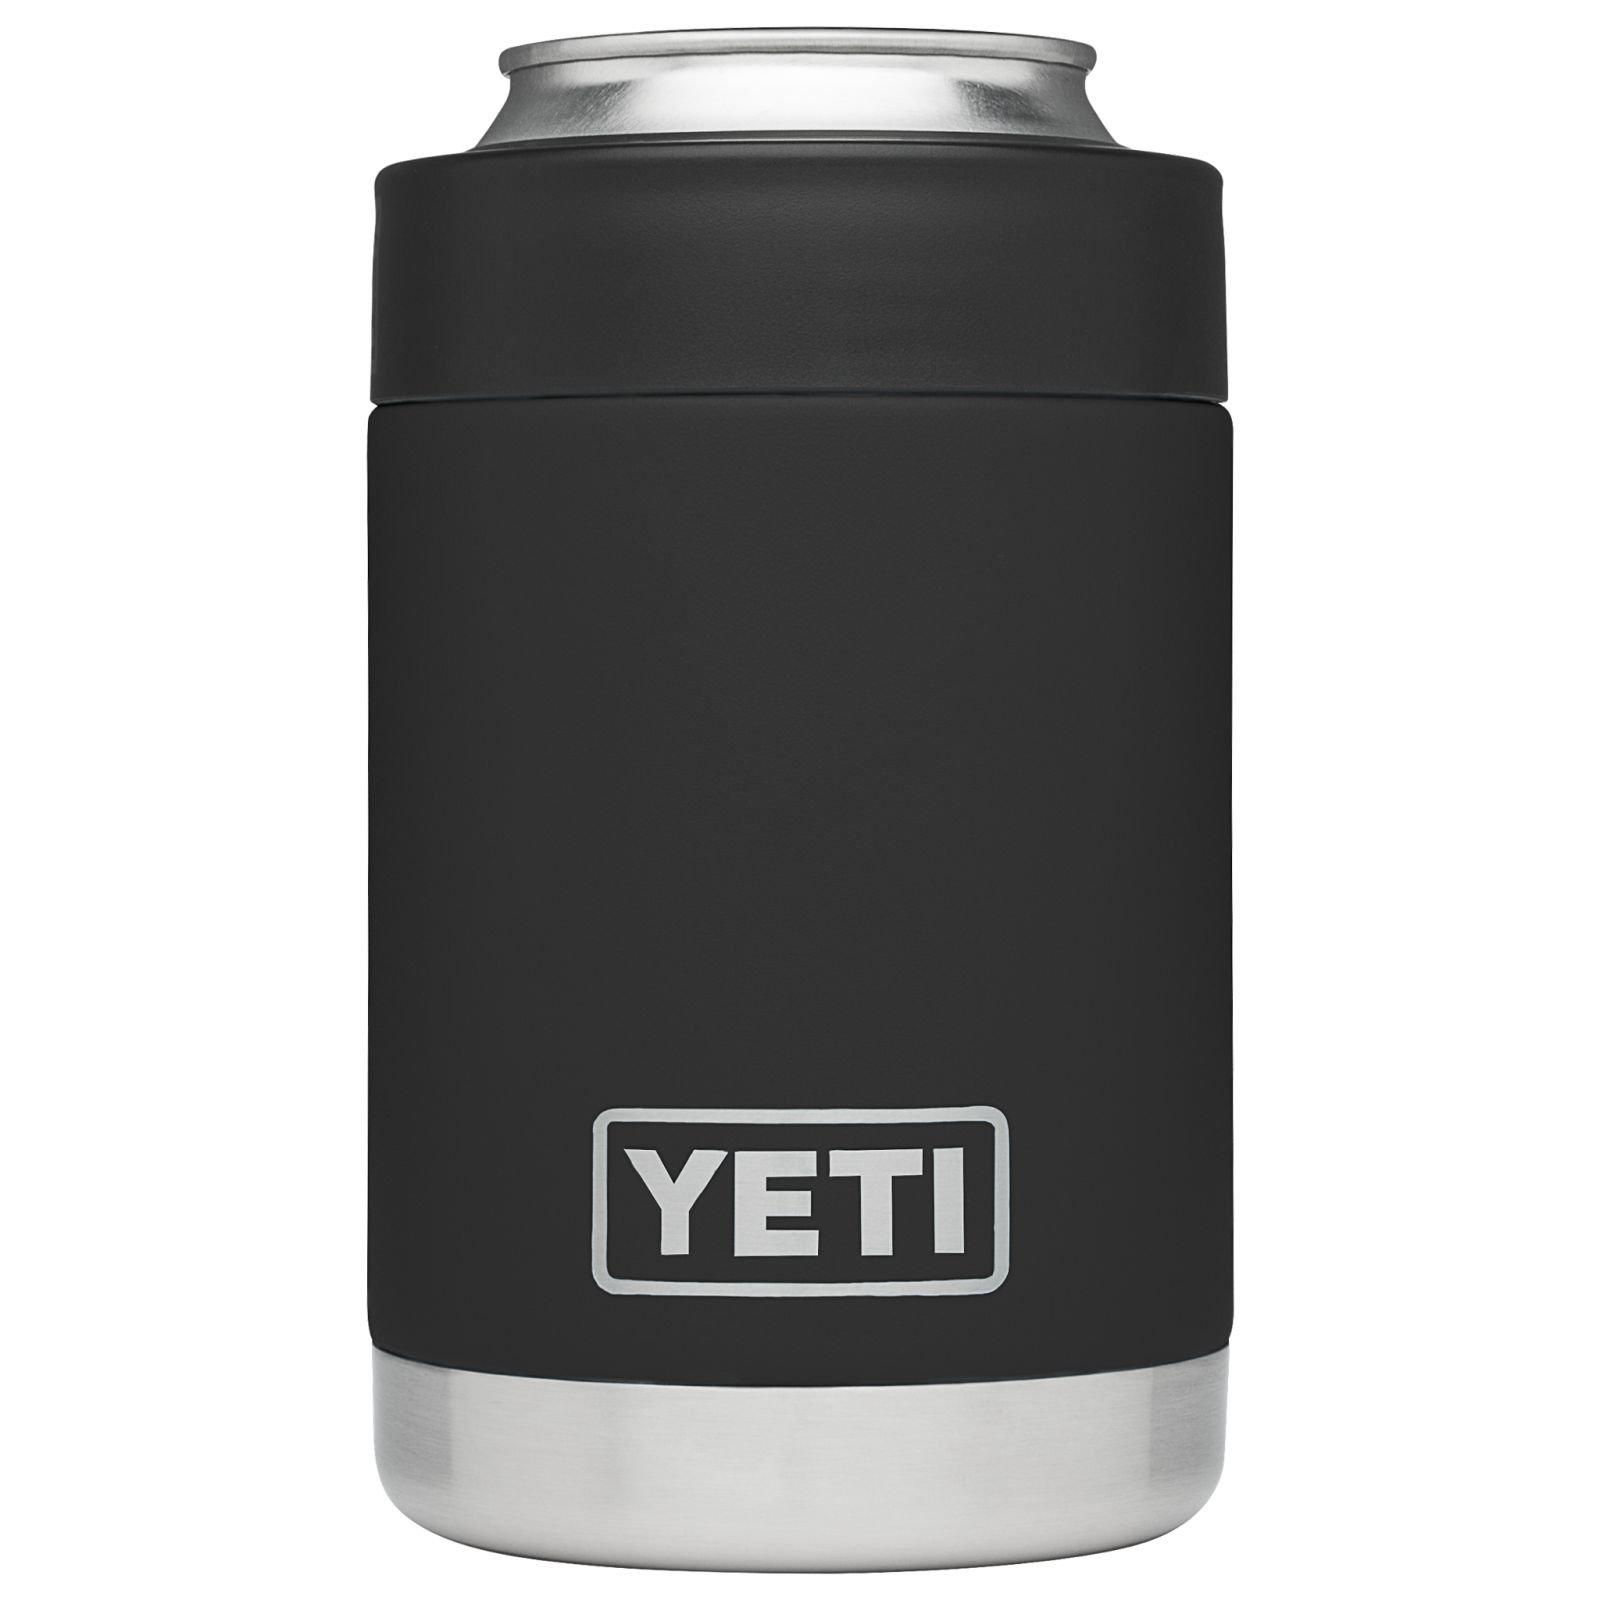 YETI Rambler Vacuum Insulated Stainless Steel Colster, Black DuraCoat by YETI